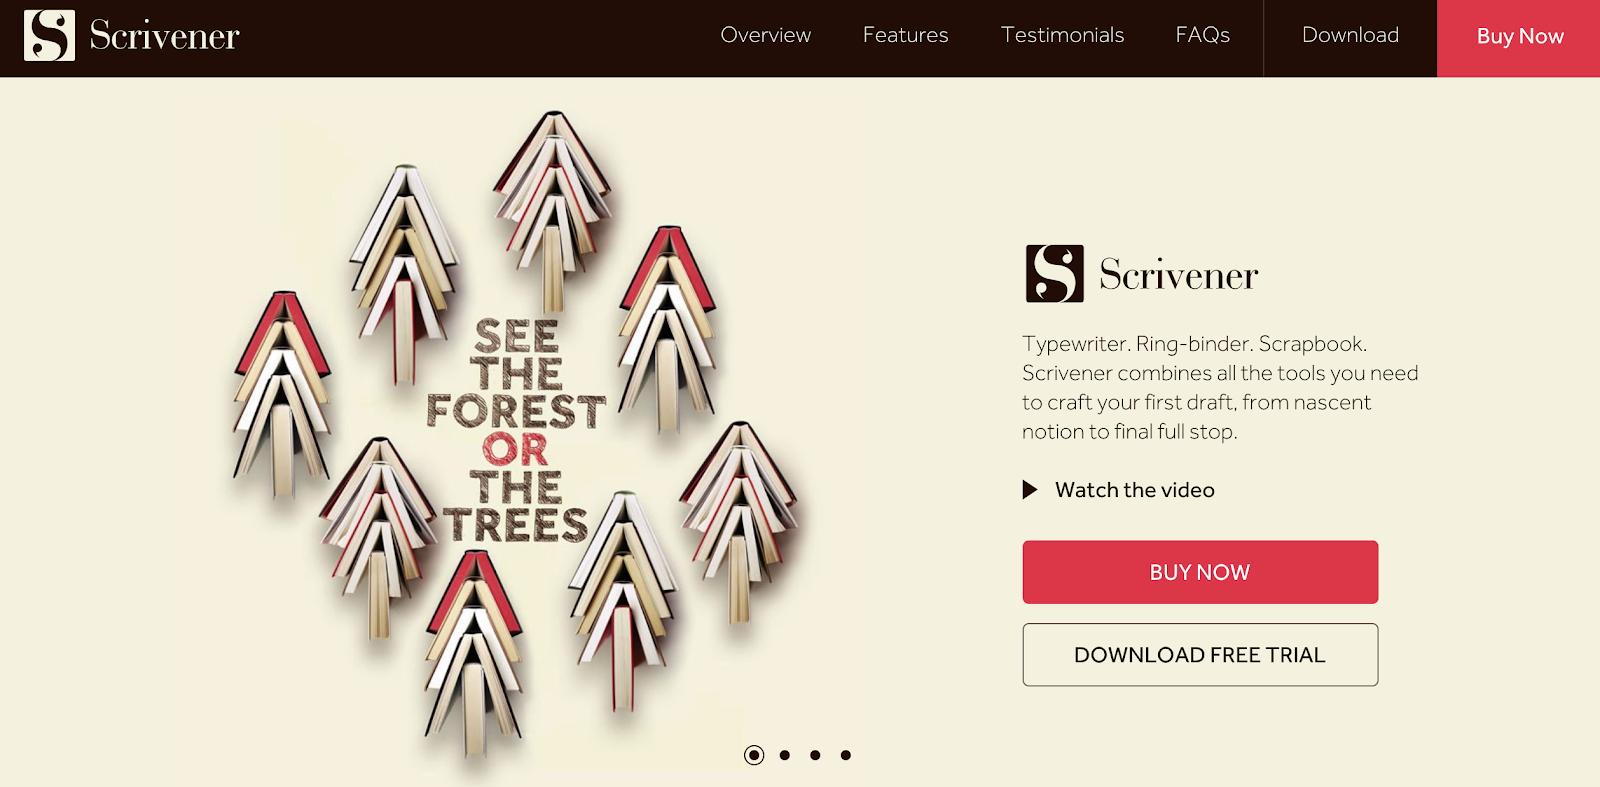 Scrivener App | Opportunities for Influencers in Lockdown